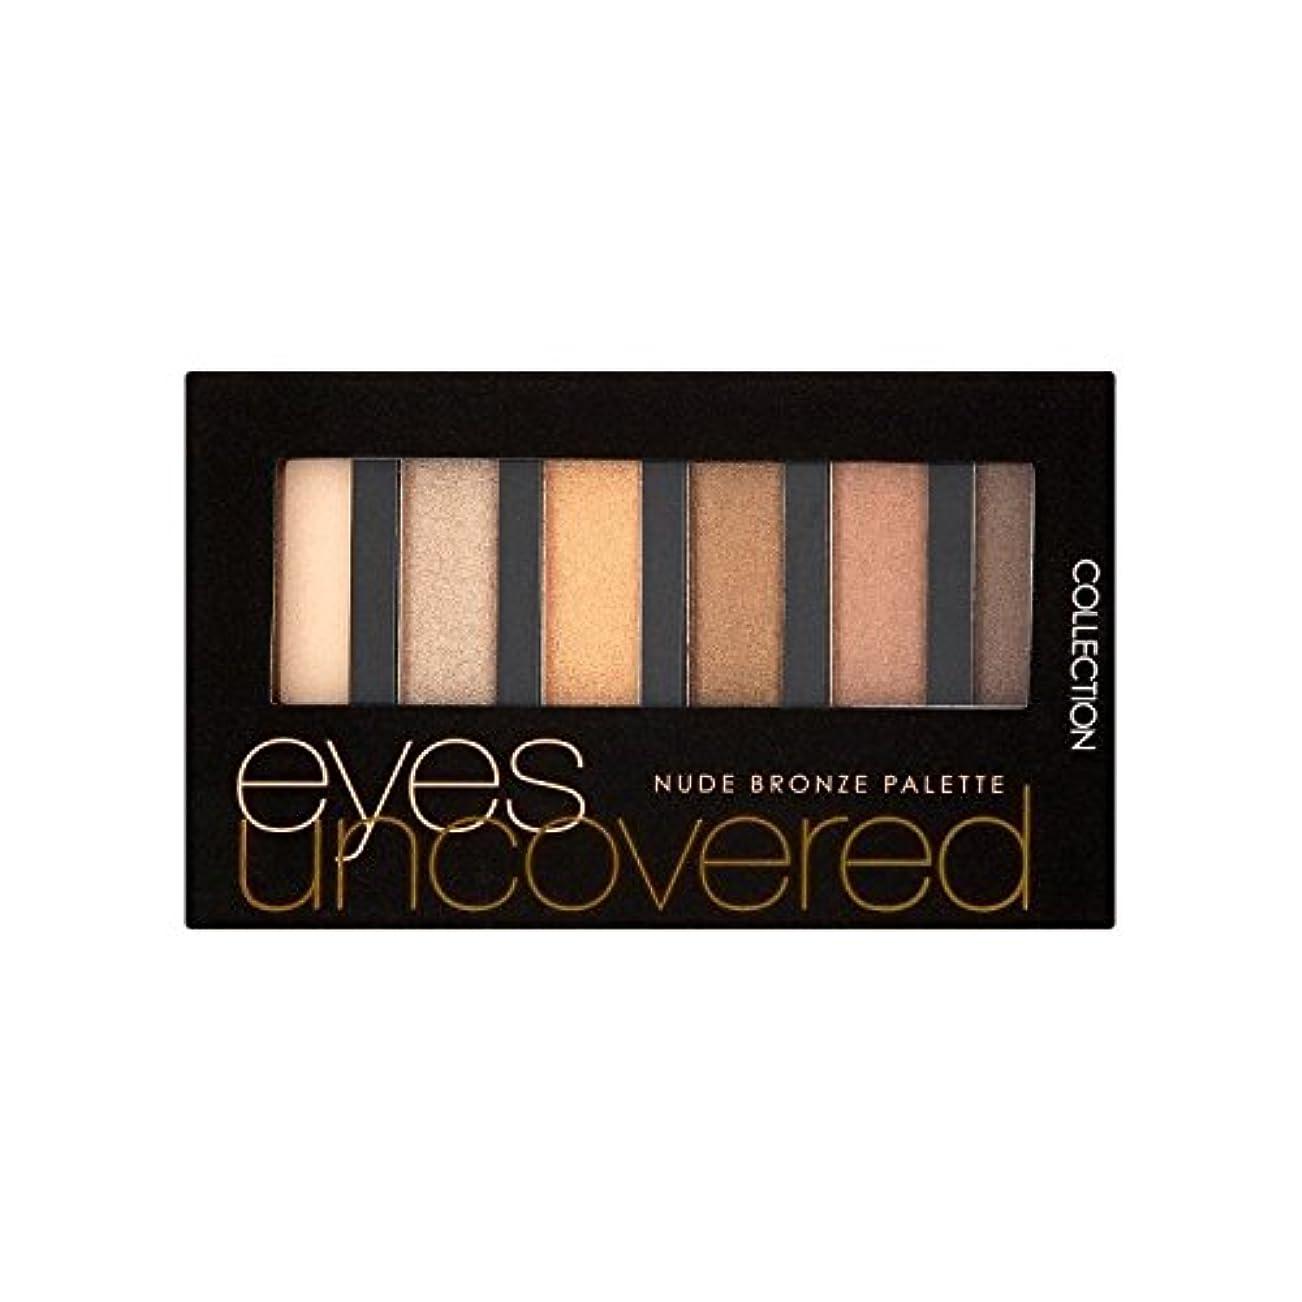 ヌードブロンズ - コレクション目はパレット2を発見しました x4 - Collection Eyes Uncovered Palettes 2 - Nude Bronze (Pack of 4) [並行輸入品]